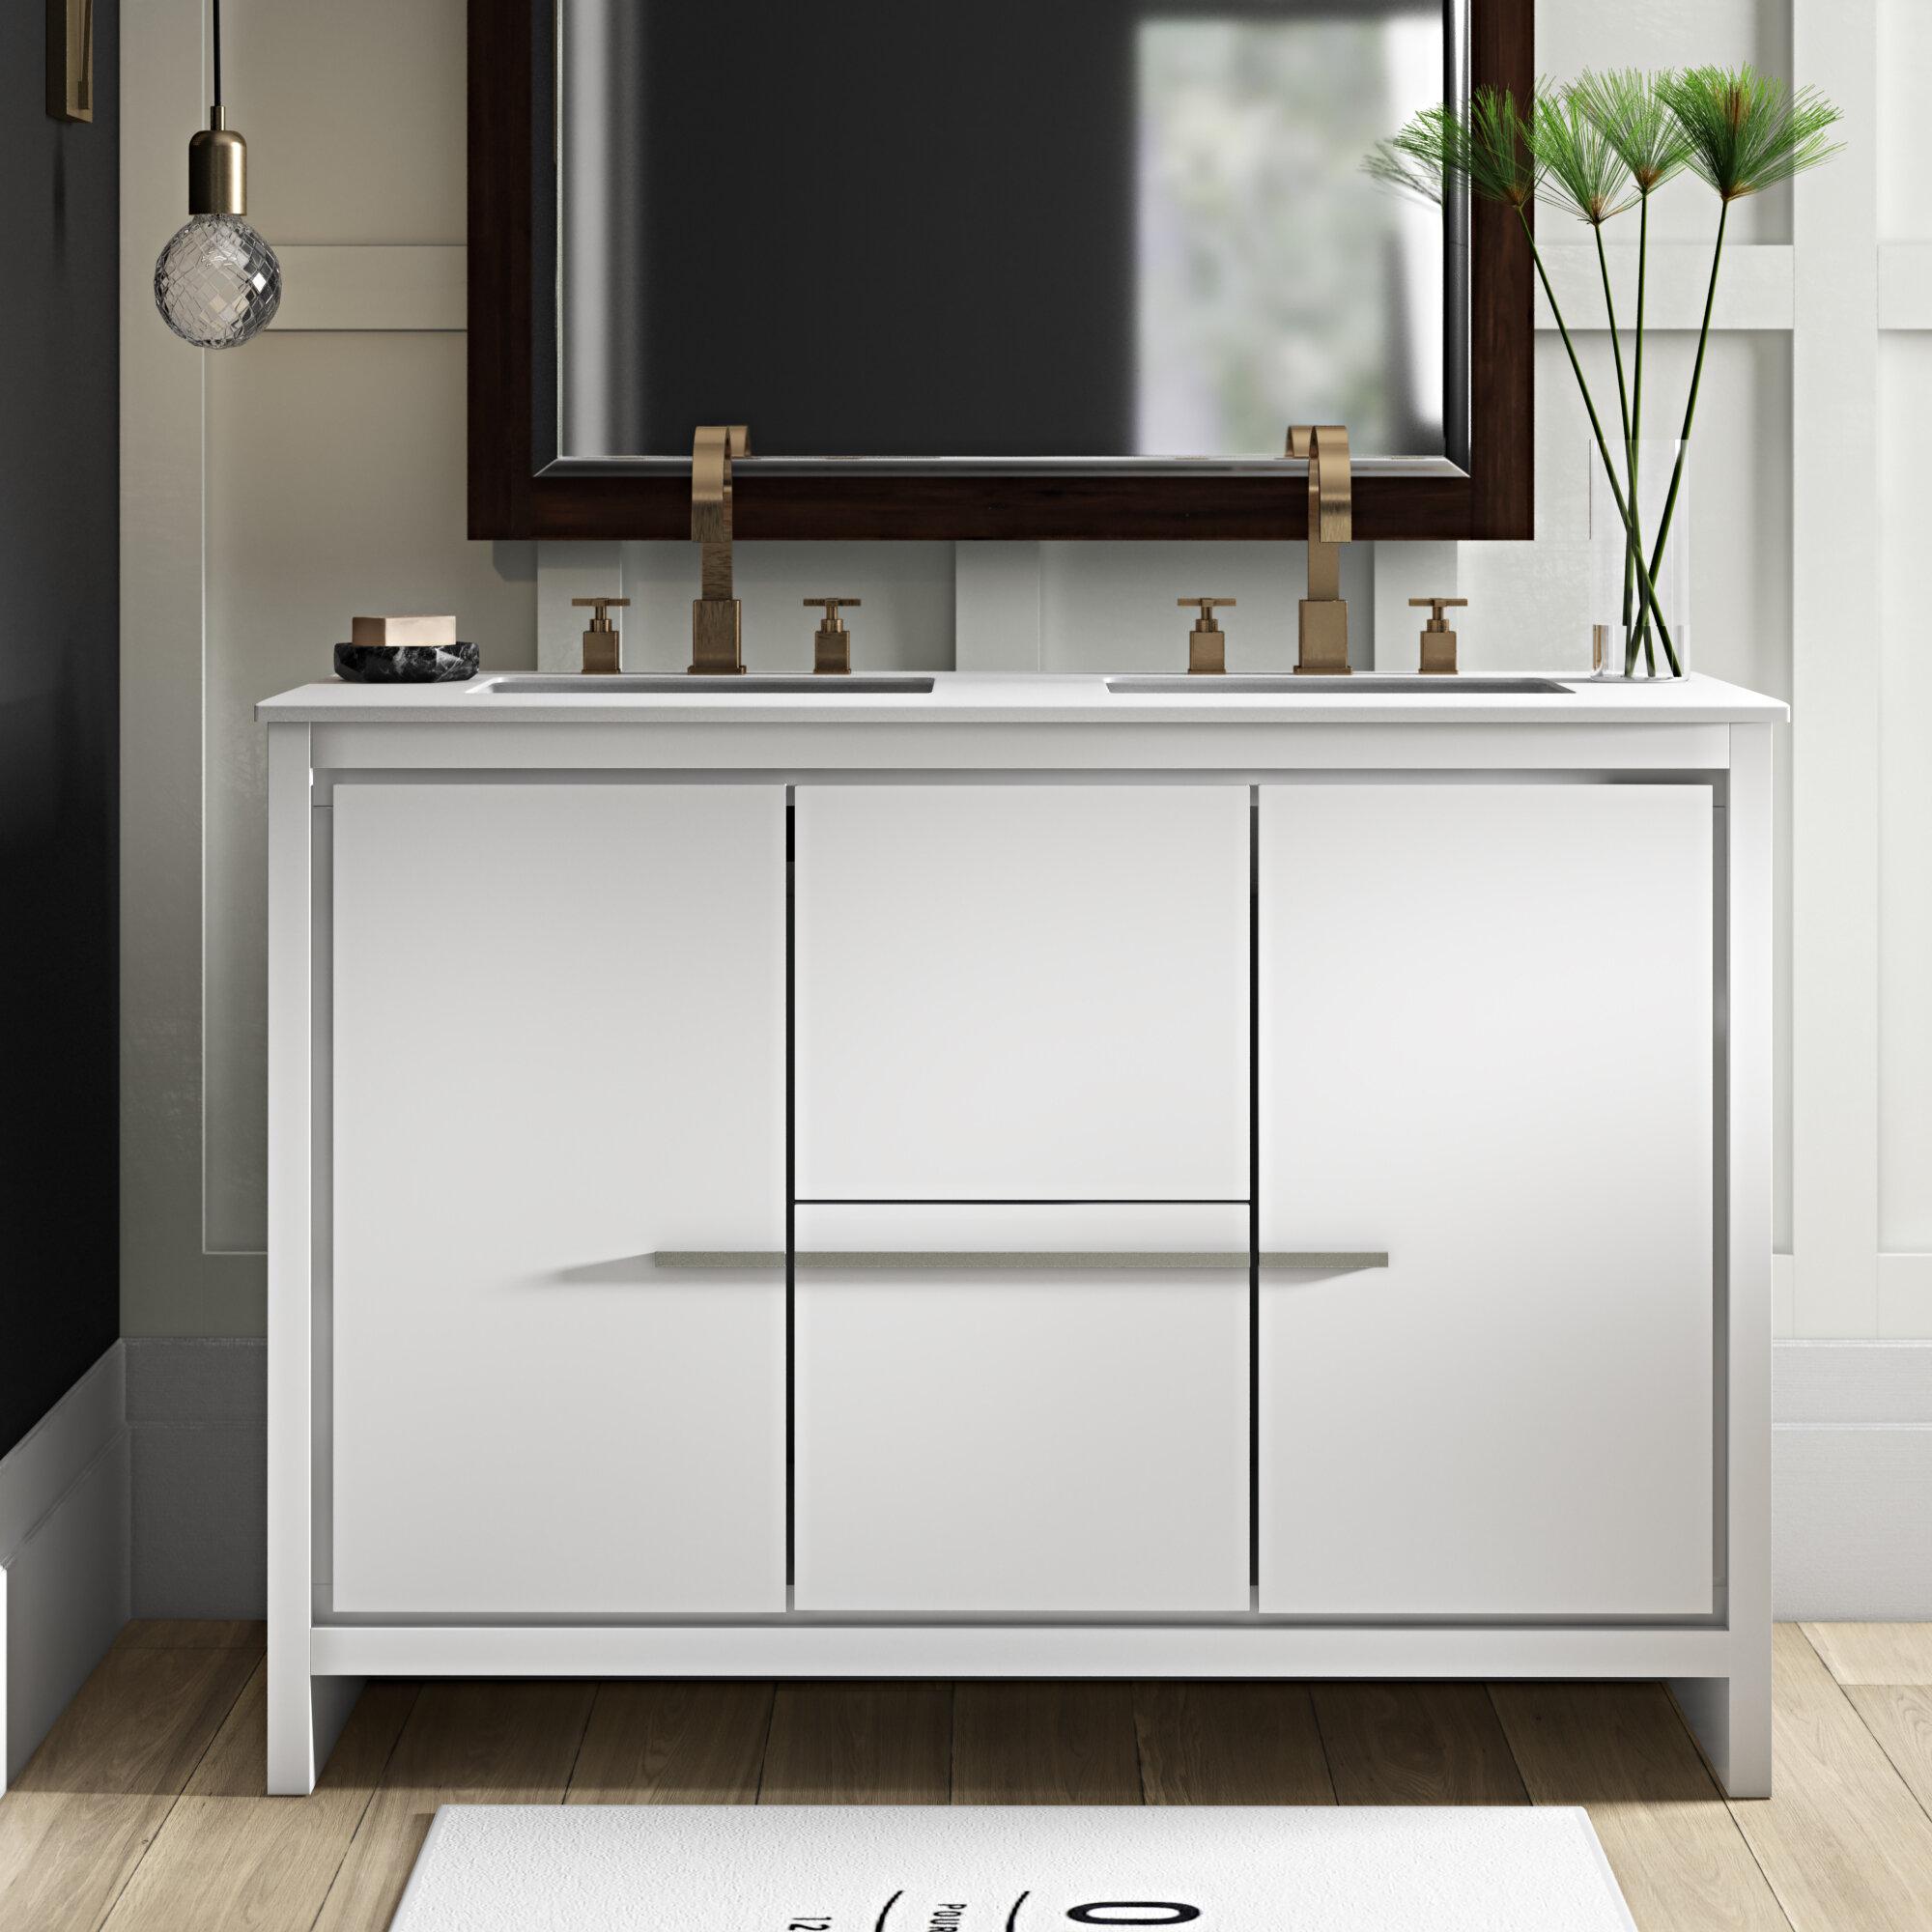 Double Sink Modern Bathroom Vanity Set